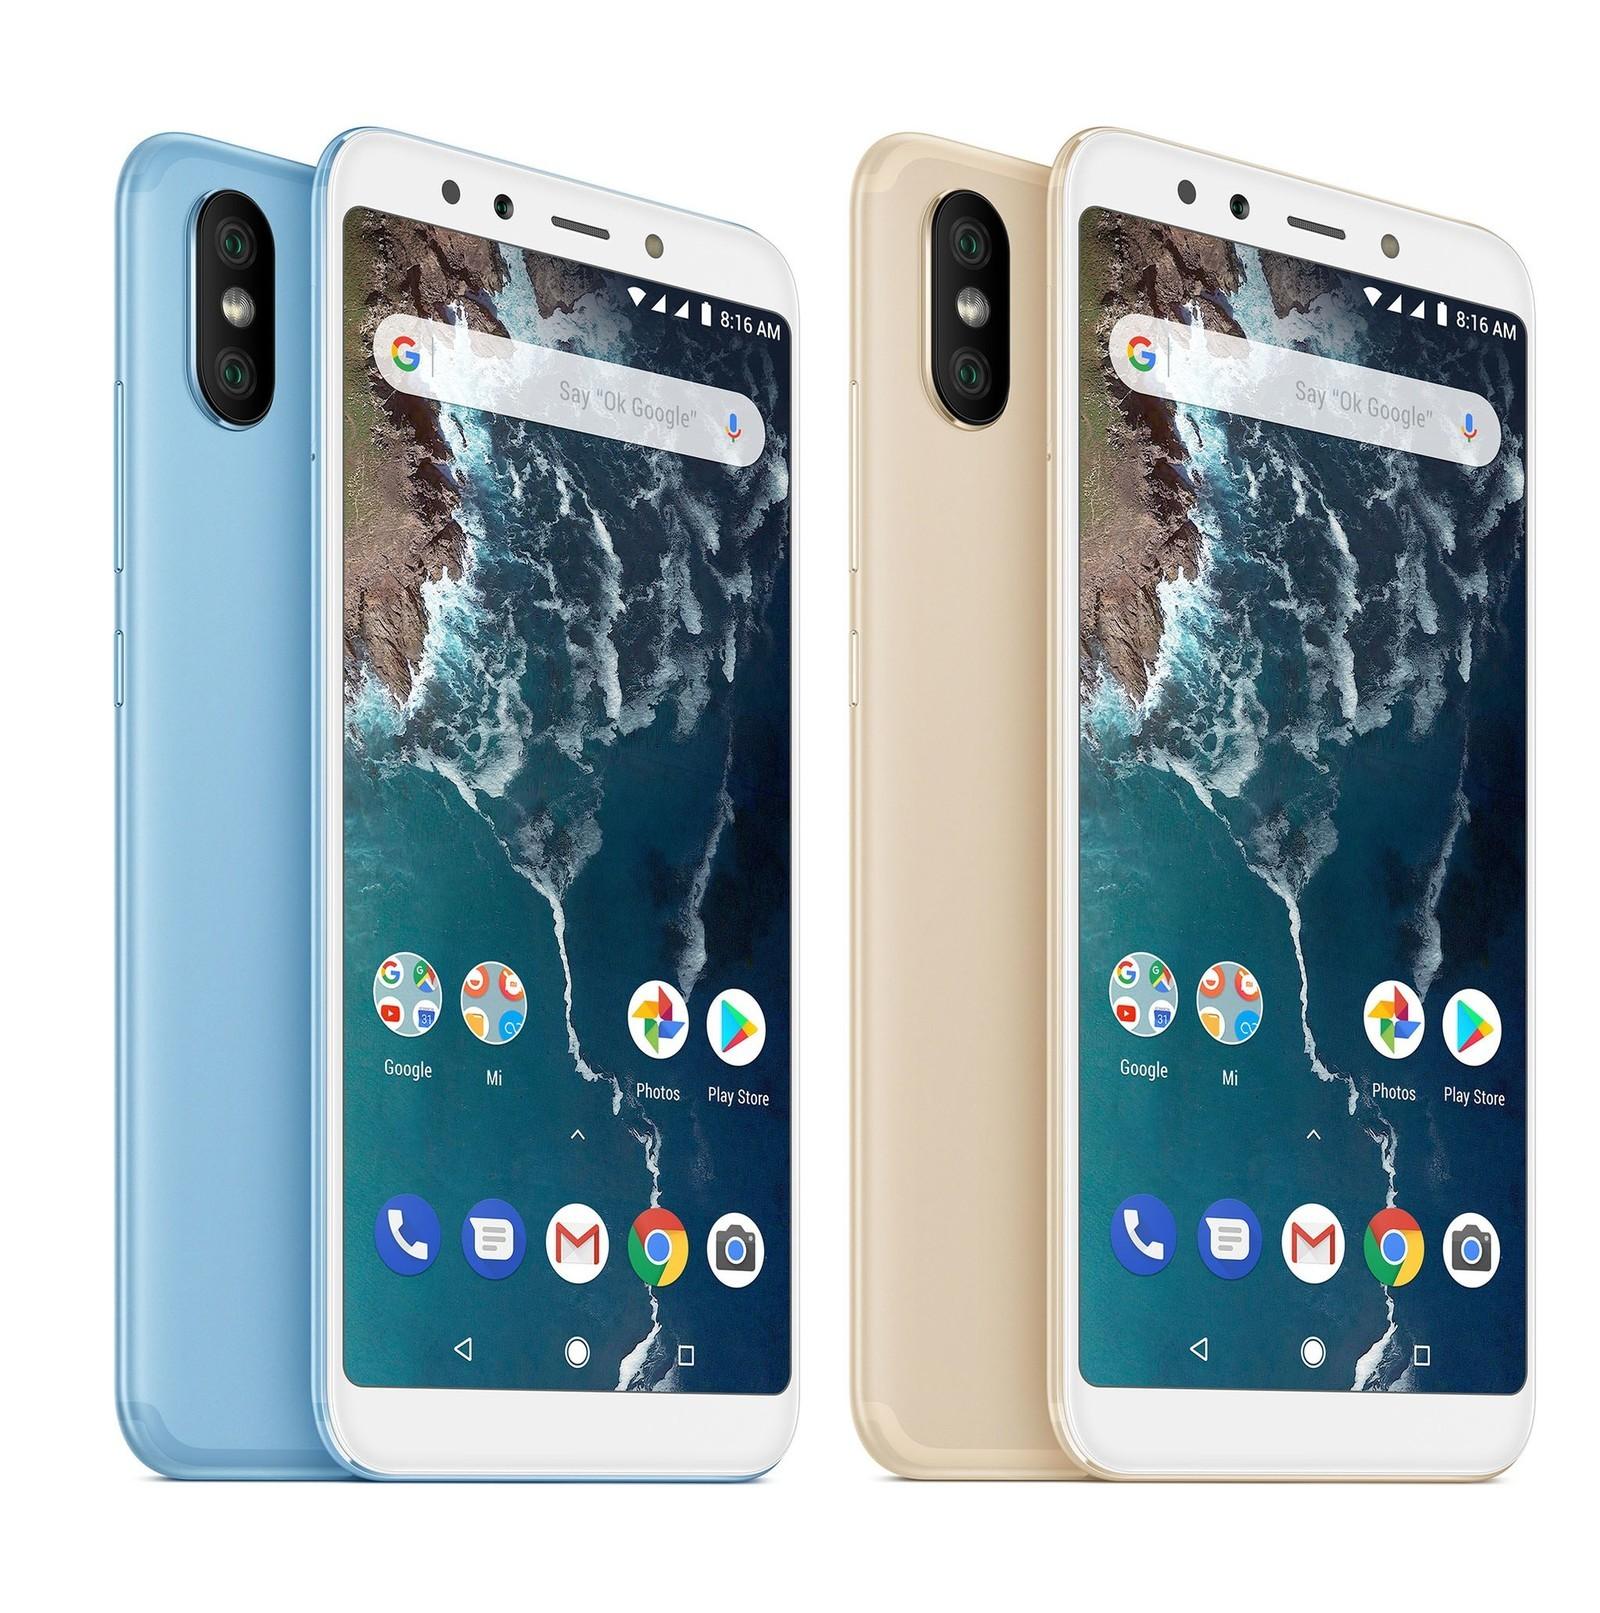 مقارنة بين هاتفي الفئة المتوسطة Xiaomi Mi A2 Lite وSamsung Galaxy J6